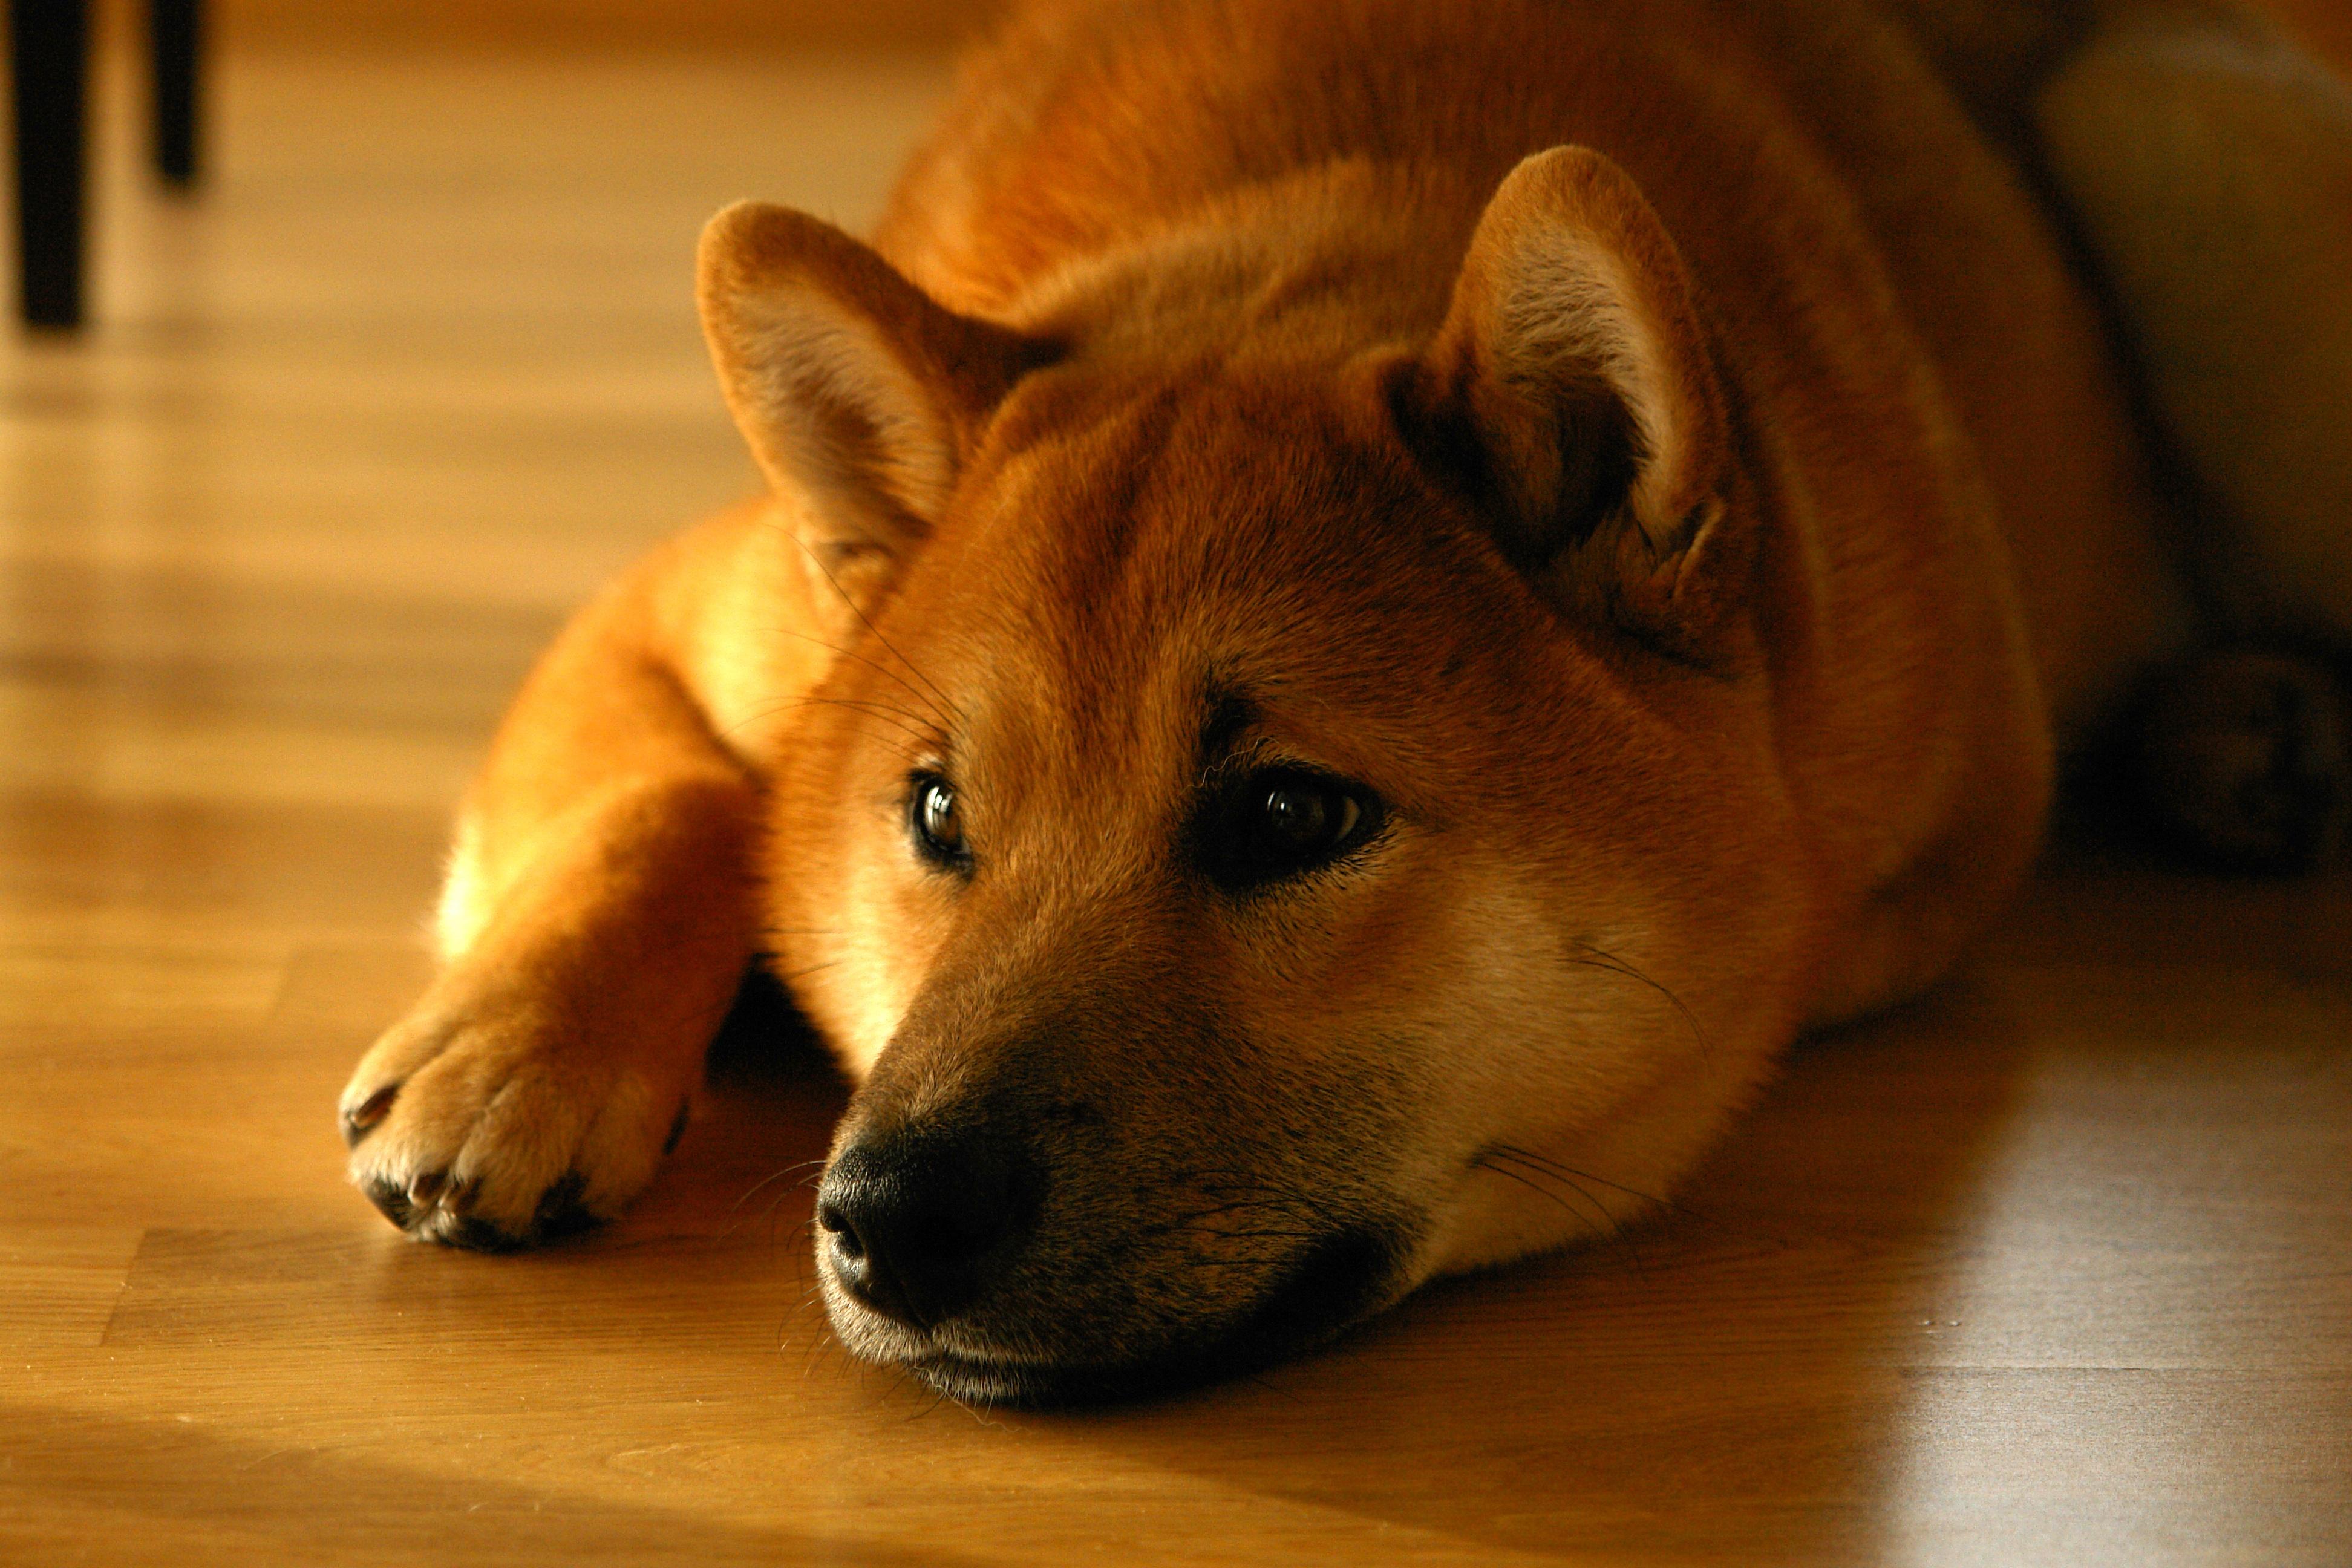 デスクトップ壁紙 柴犬 鼻 嘘 子犬 脊椎動物 閉じる 哺乳類の